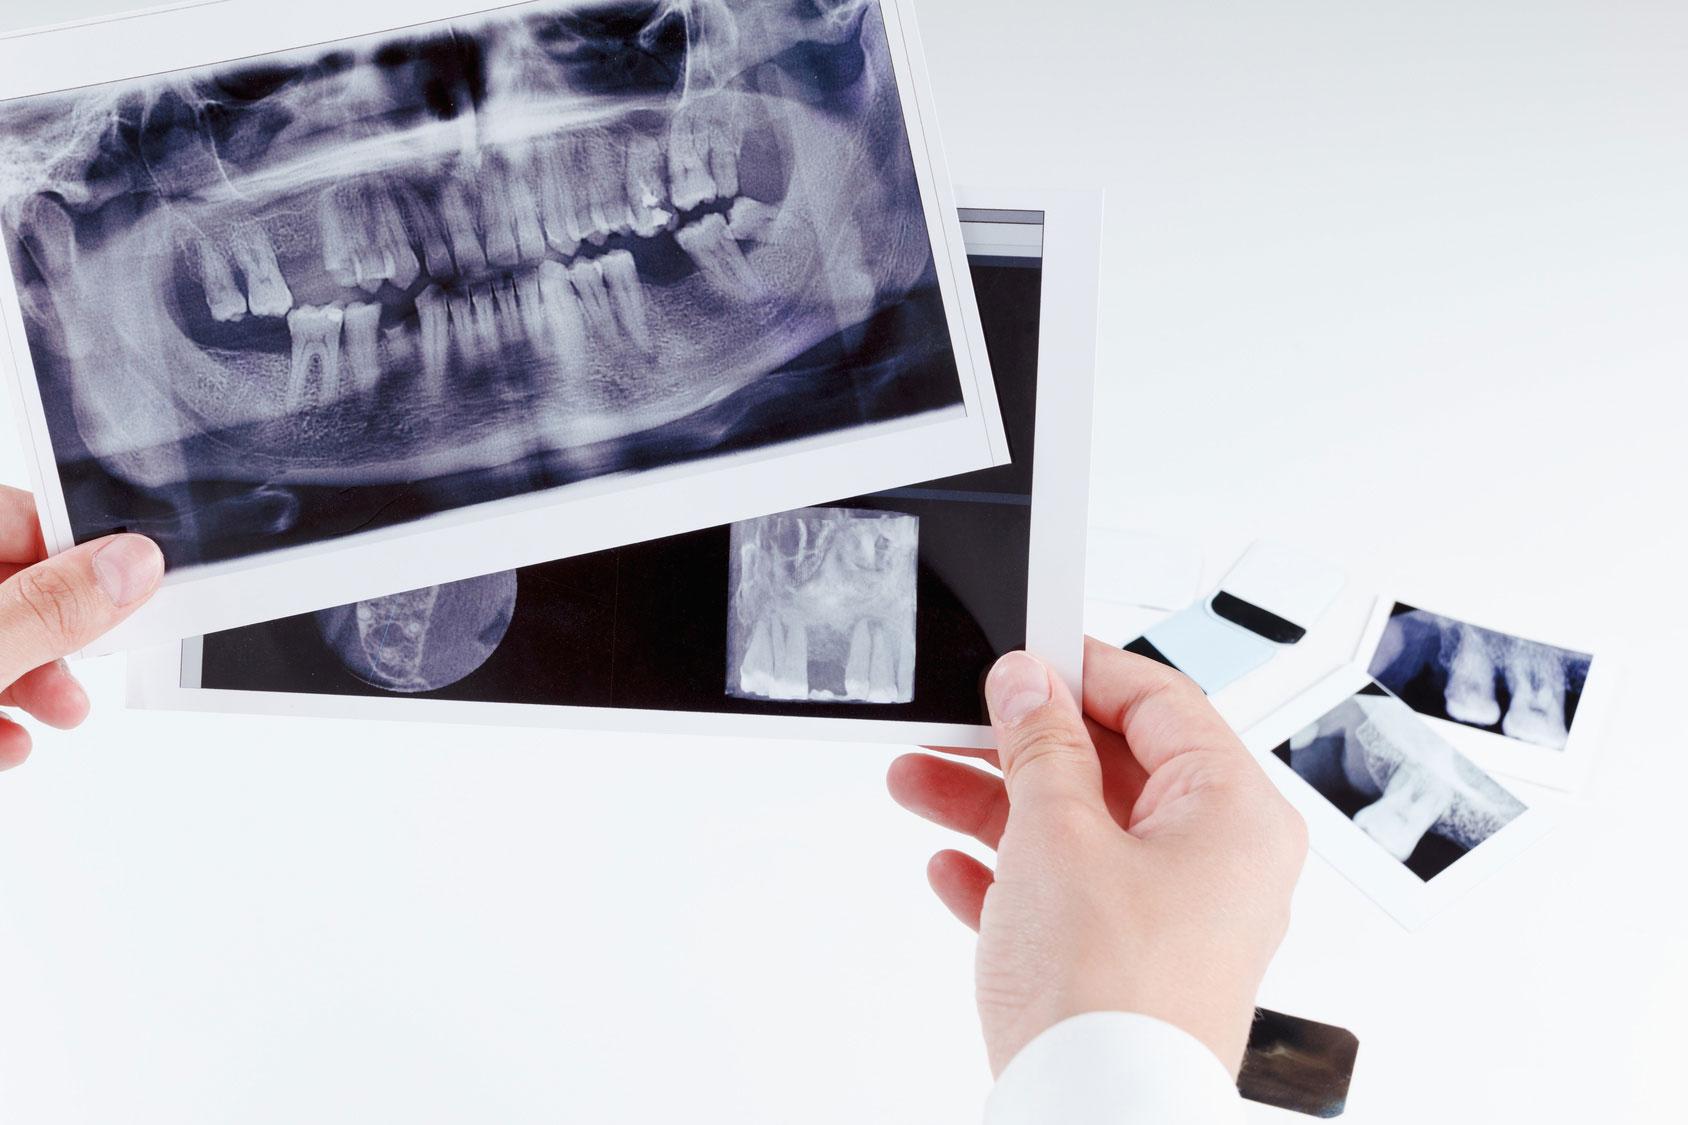 Course Image Diagnóstico + seguimiento de tratamiento (10 casos)